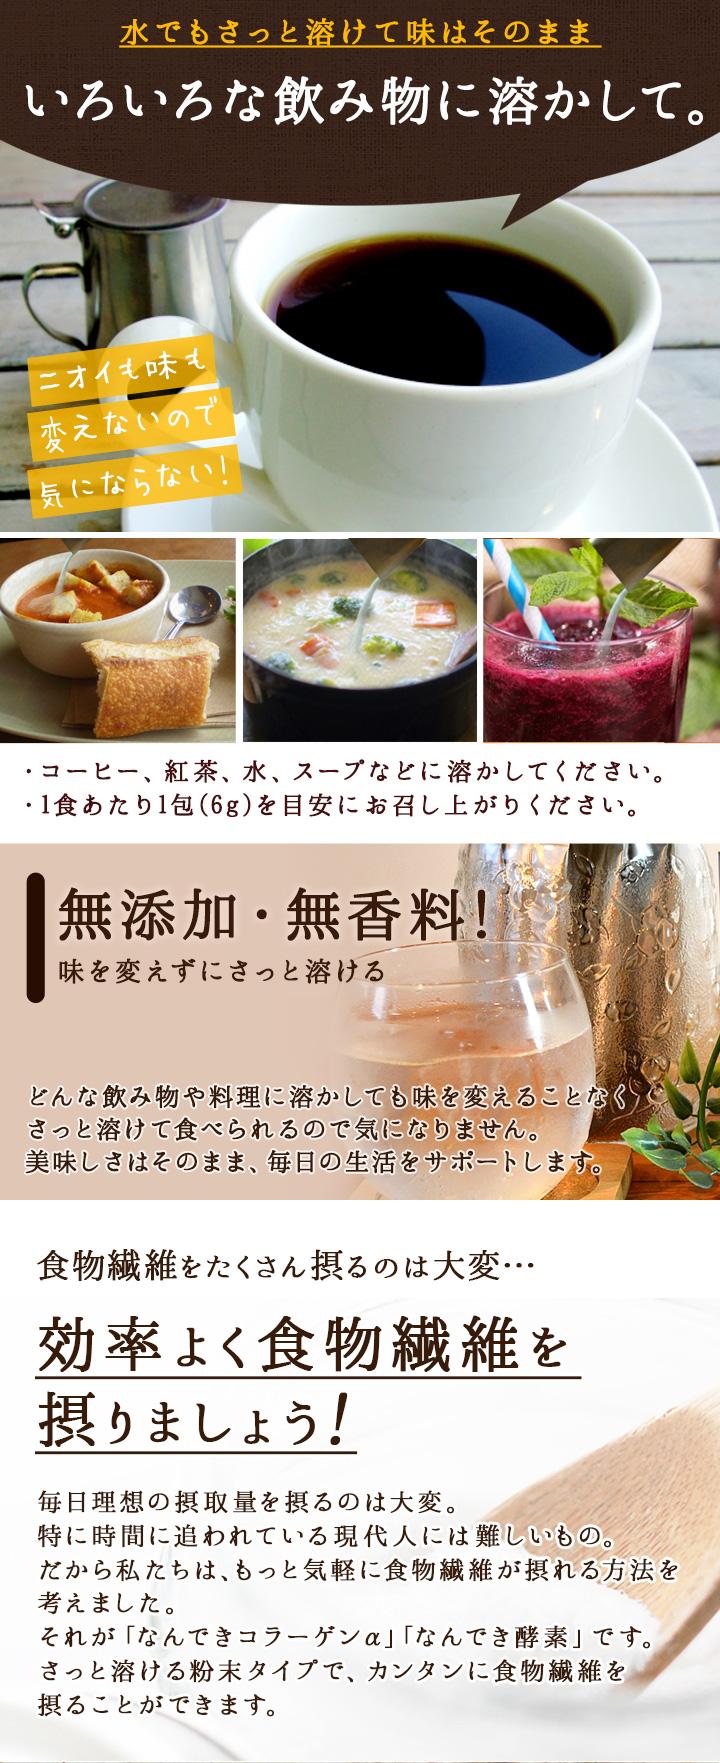 水でもさっと溶けて味はそのままいろいろな飲み物に溶かして。・コーヒー、紅茶、水、スープなどに溶かしてください。・1食あたり1包(6g)を目安にお召し上がりください。無添加・無香料!味を変えずにさっと溶けるどんな飲み物や料理に溶かしても味を変えることなくさっと溶けて食べられるので気になりません。美味しさはそのまま、毎日の生活をサポートします。食物繊維をたくさん摂るのは大変・・・効率よく食物繊維を摂りましょう!毎日理想の摂取量を摂るのは大変。特に時間に追われている現代人には難しいもの。だから私たちは、もっと気軽に食物繊維が摂れる方法を考えました。それが「なんできコラーゲンα」「なんでき酵素」です。さっと溶ける粉末タイプで、カンタンに食物繊維を摂ることができます。さらに!嬉しい成分を配合しました。なんできコラーゲンαコラーゲン入りで美容もサポート♪国産成分でヒアルロン酸、コラーゲンの天然原料を使用。「スッキリ」も「キレイ」も両方手に入れたい方にオススメ!なんでき酵素82種の野菜・果物をぎゅっと濃縮。お肌の調子を整えたり、体を動かしたり、生きていくために必要な成分。酵素を効率よく摂りたい方にオススメ!美容も、健康も。ストレスなく続けられる♪・1日3回を目安にお召し上がり下さい。・スープや飲み物に入れて溶かして下さい。・食事の最初、又は食事中の摂取をお薦めします。アレンジ自在。もっと美味しく、楽しく。美味しくて、簡単。「なんでき生活」をはじめましょう。